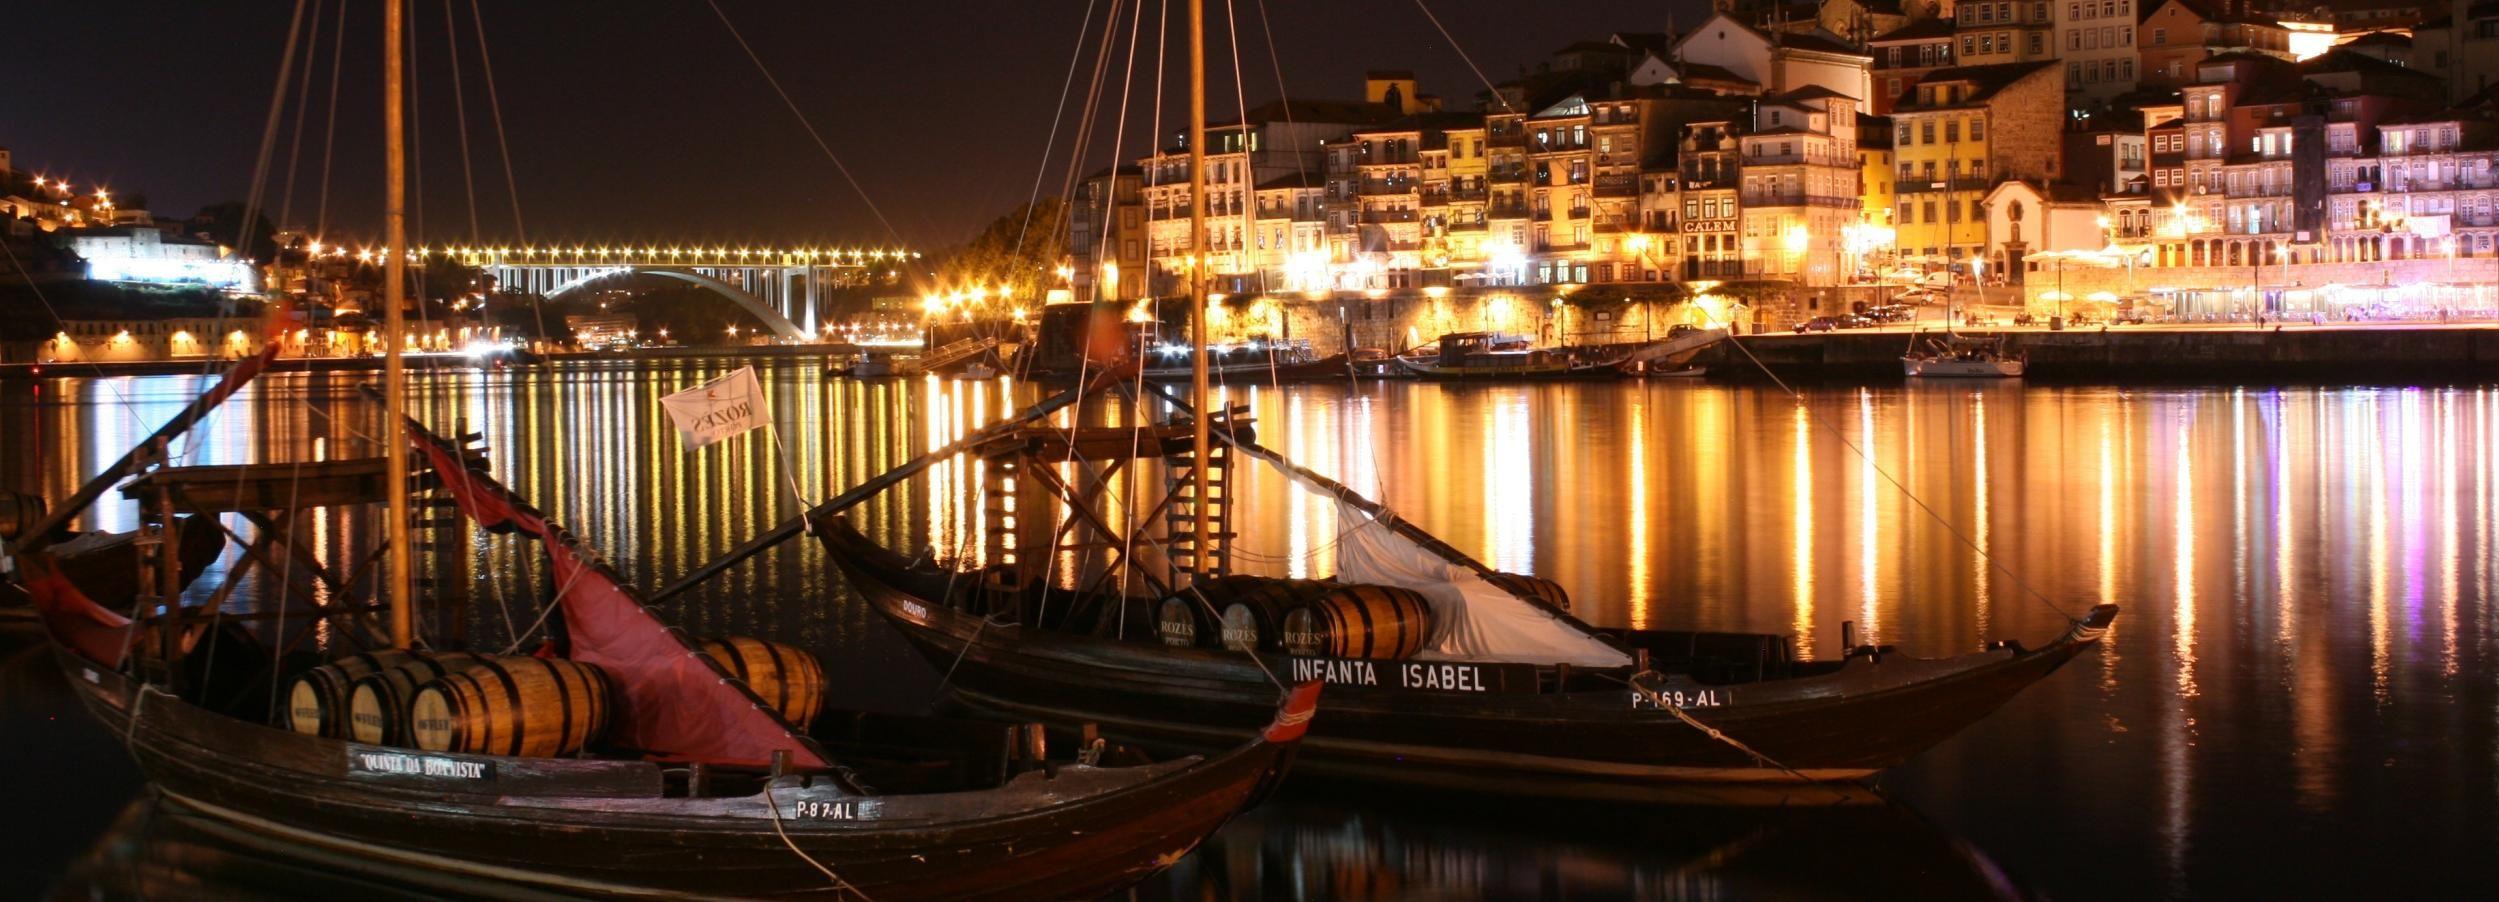 Porto: City Tour, Jantar c/ Show de Fado e Luzes Noturnas